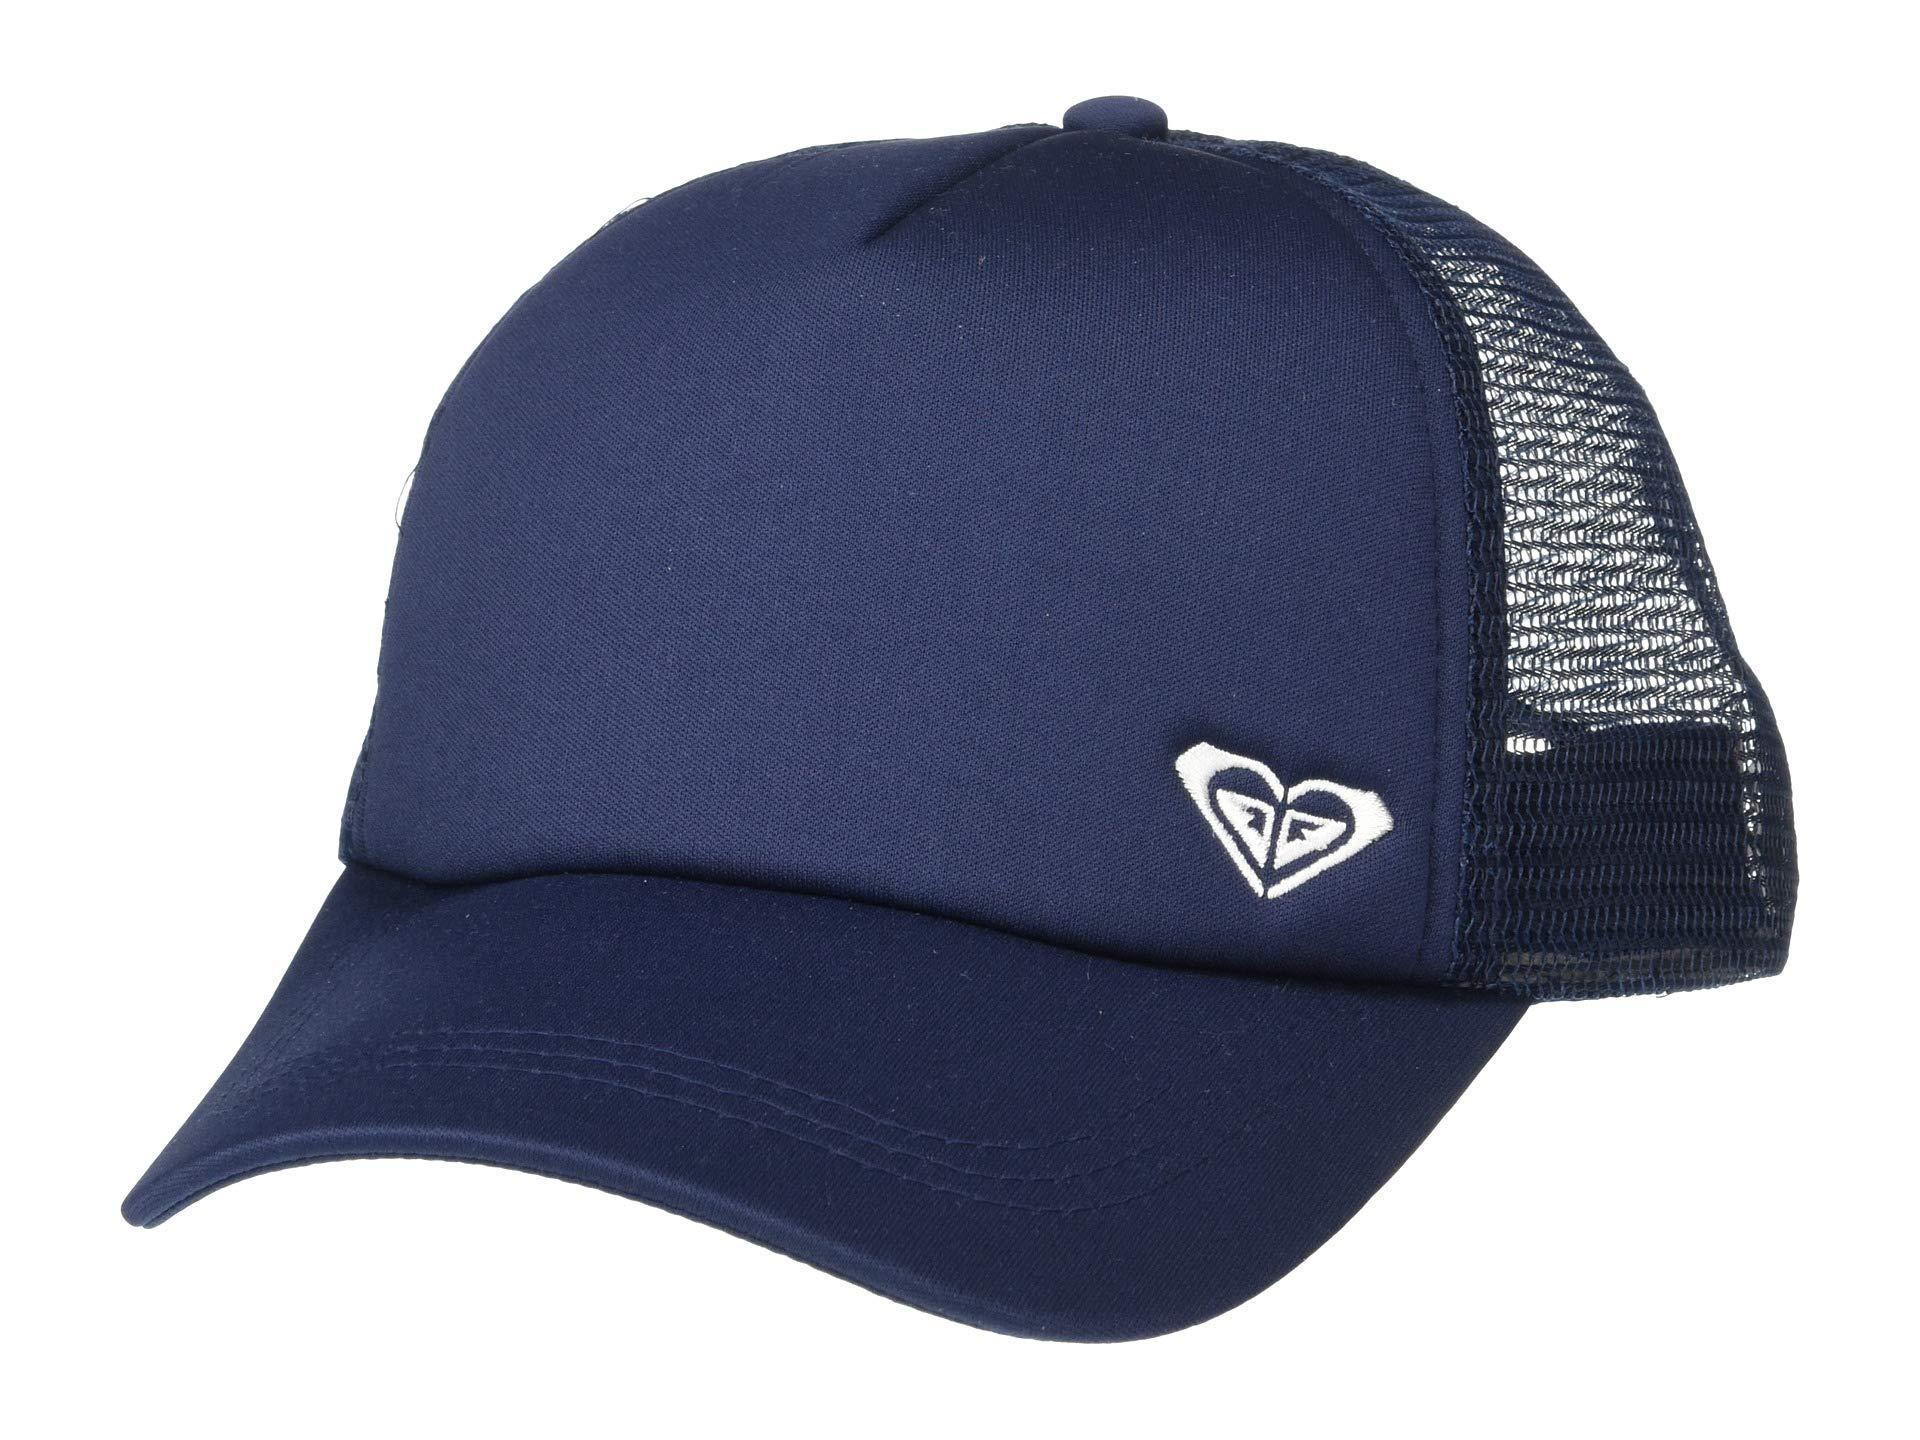 02ab7e910 Lyst - Roxy Finishline Trucker Hat (dress Blues) Caps in Blue